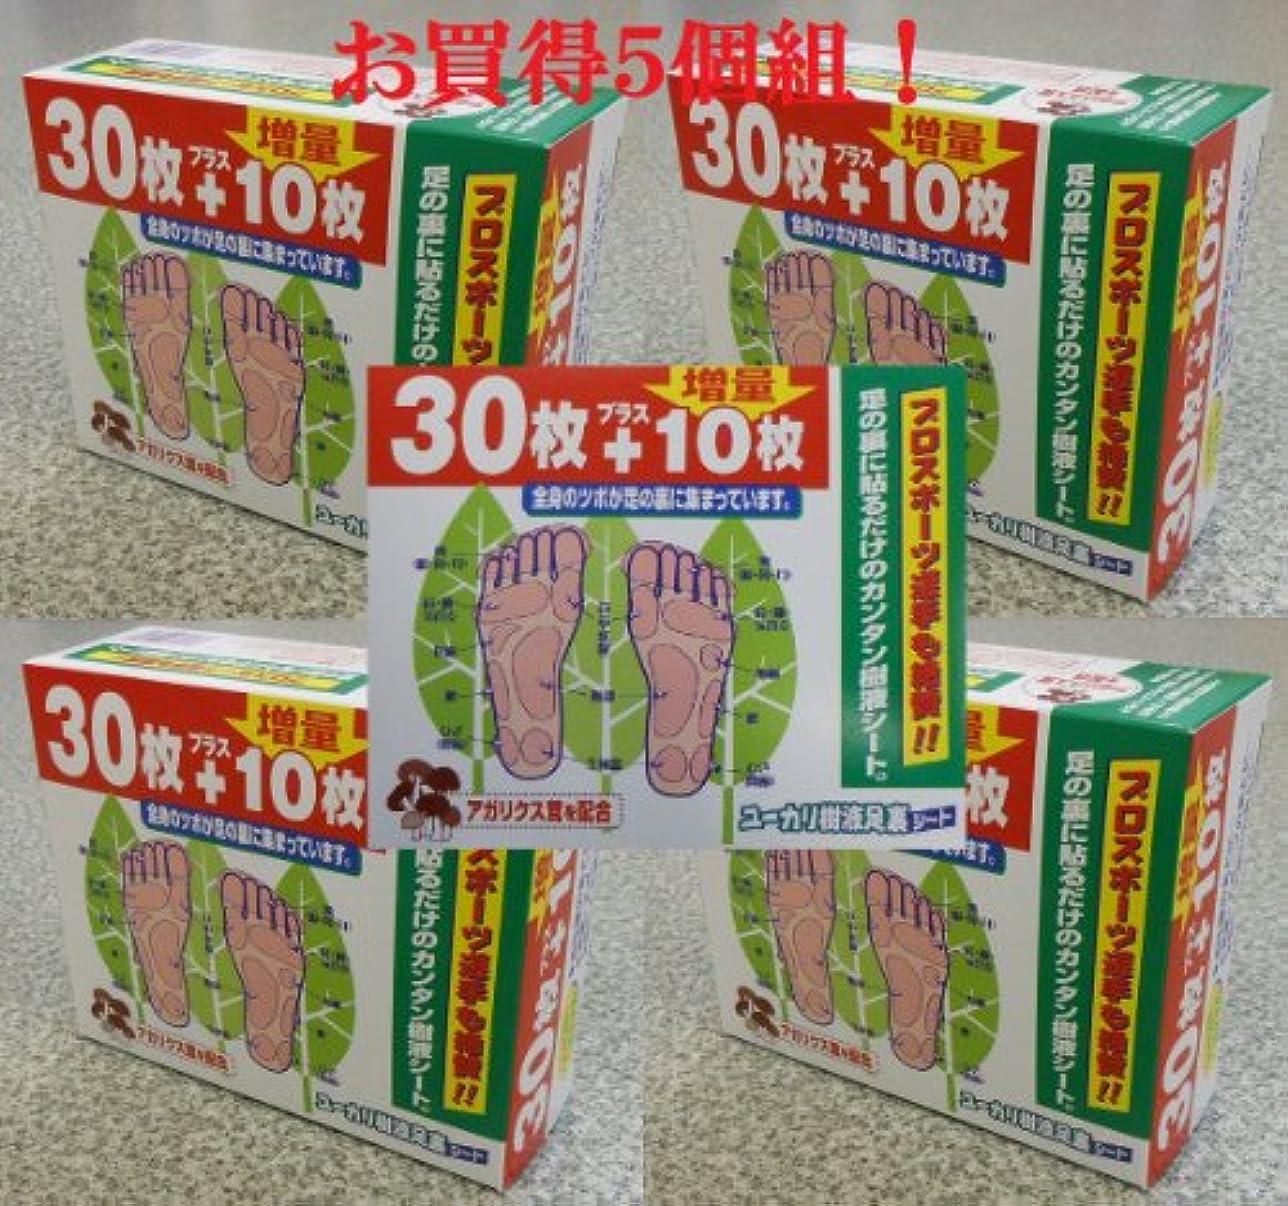 有限非アクティブ買い物に行くユーカリ樹液足裏シート アガリクス茸配合 5個組